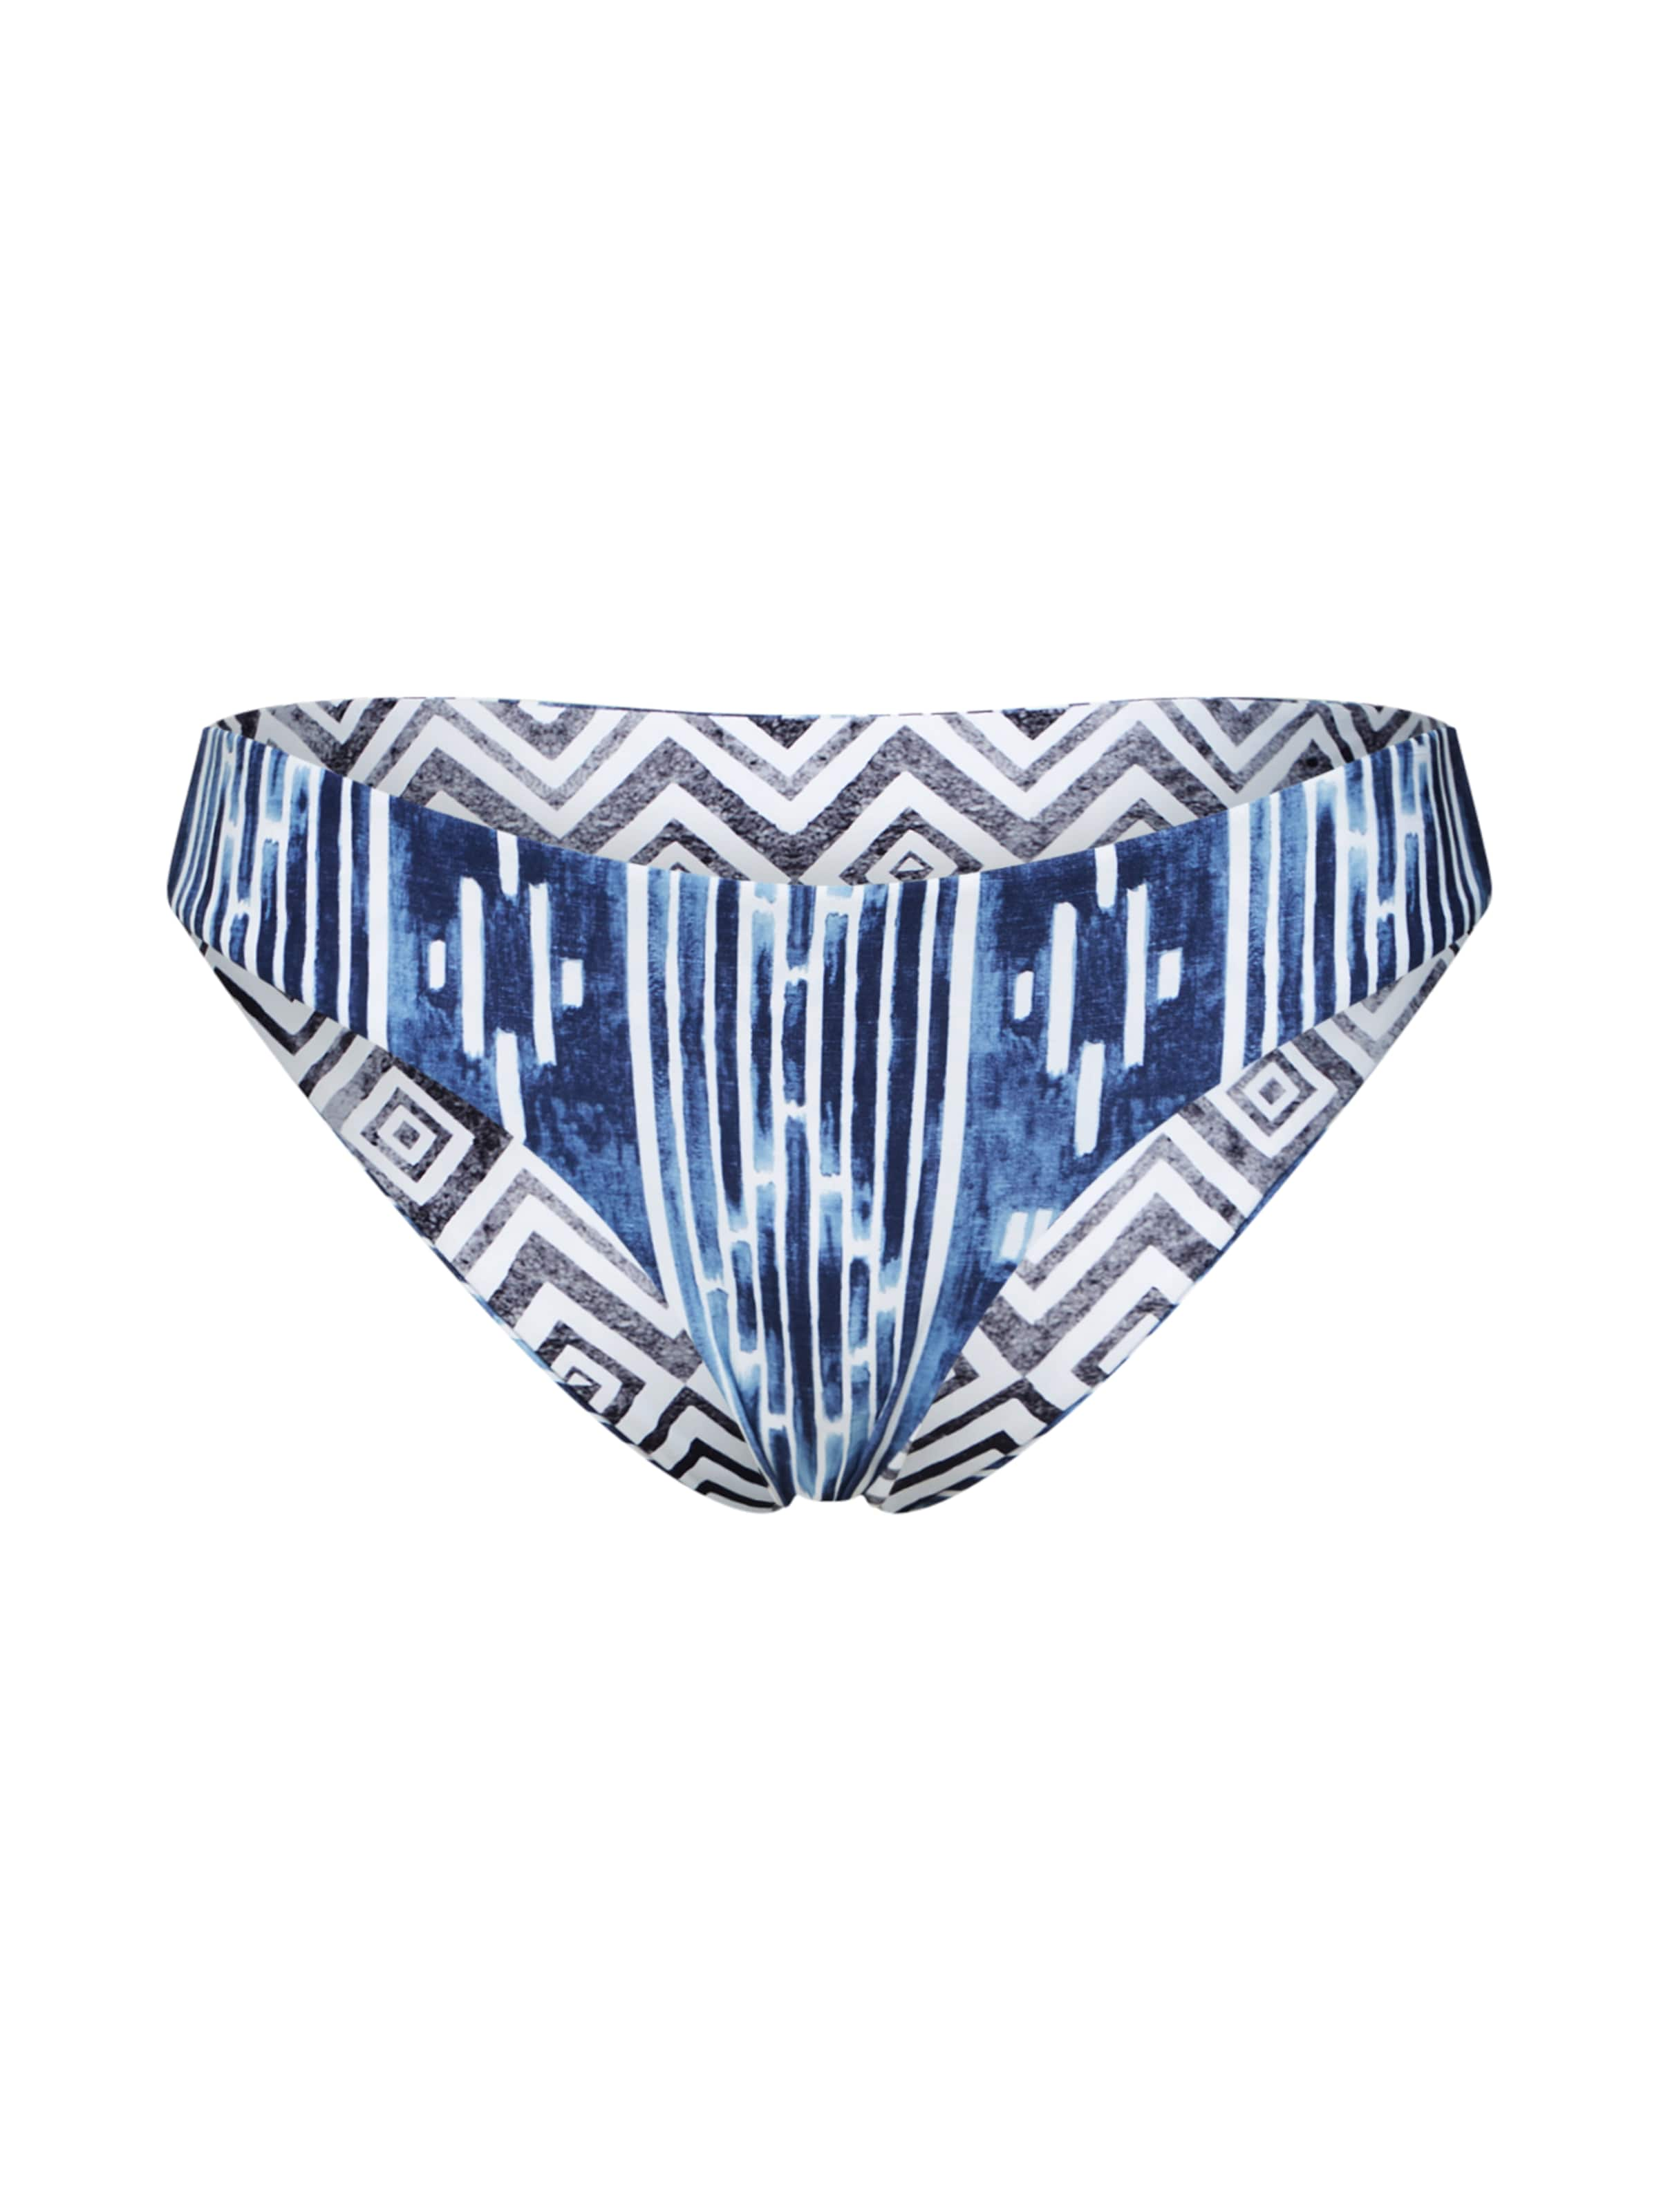 En Bikini 'moon Good' Bas De Tide Rip Curl BleuBlanc Revo 6gymfIvYb7